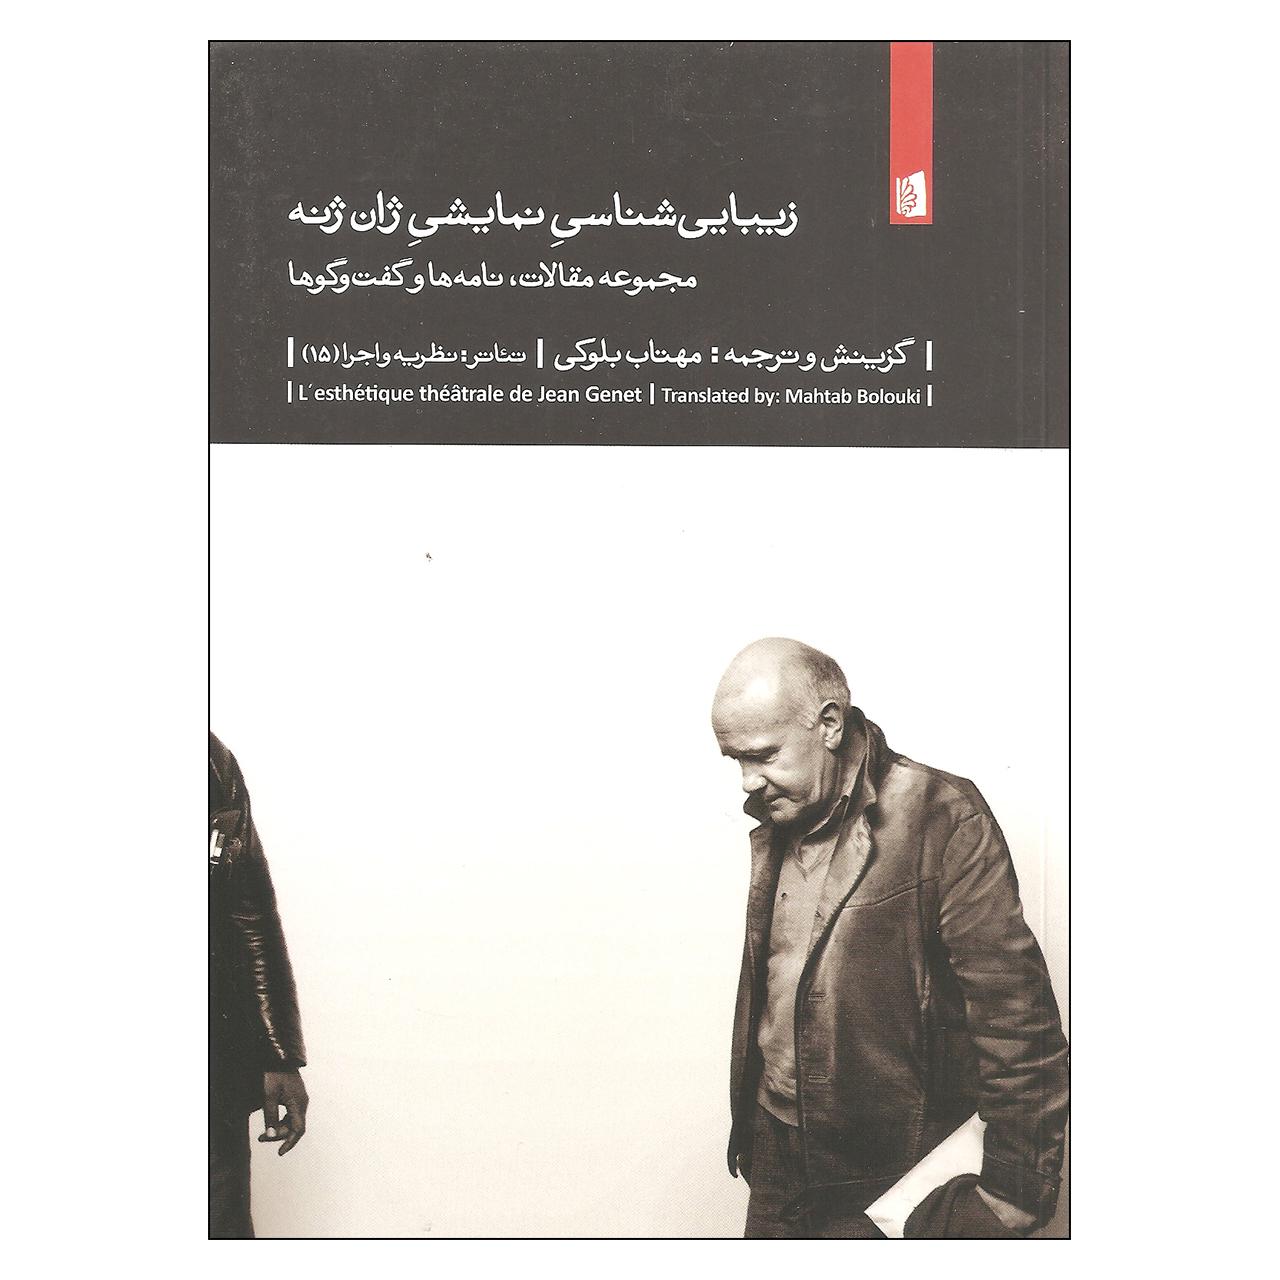 خرید                      کتاب زیبایی شناسی نمایشی اثر ژان ژنه نشر بیدگل